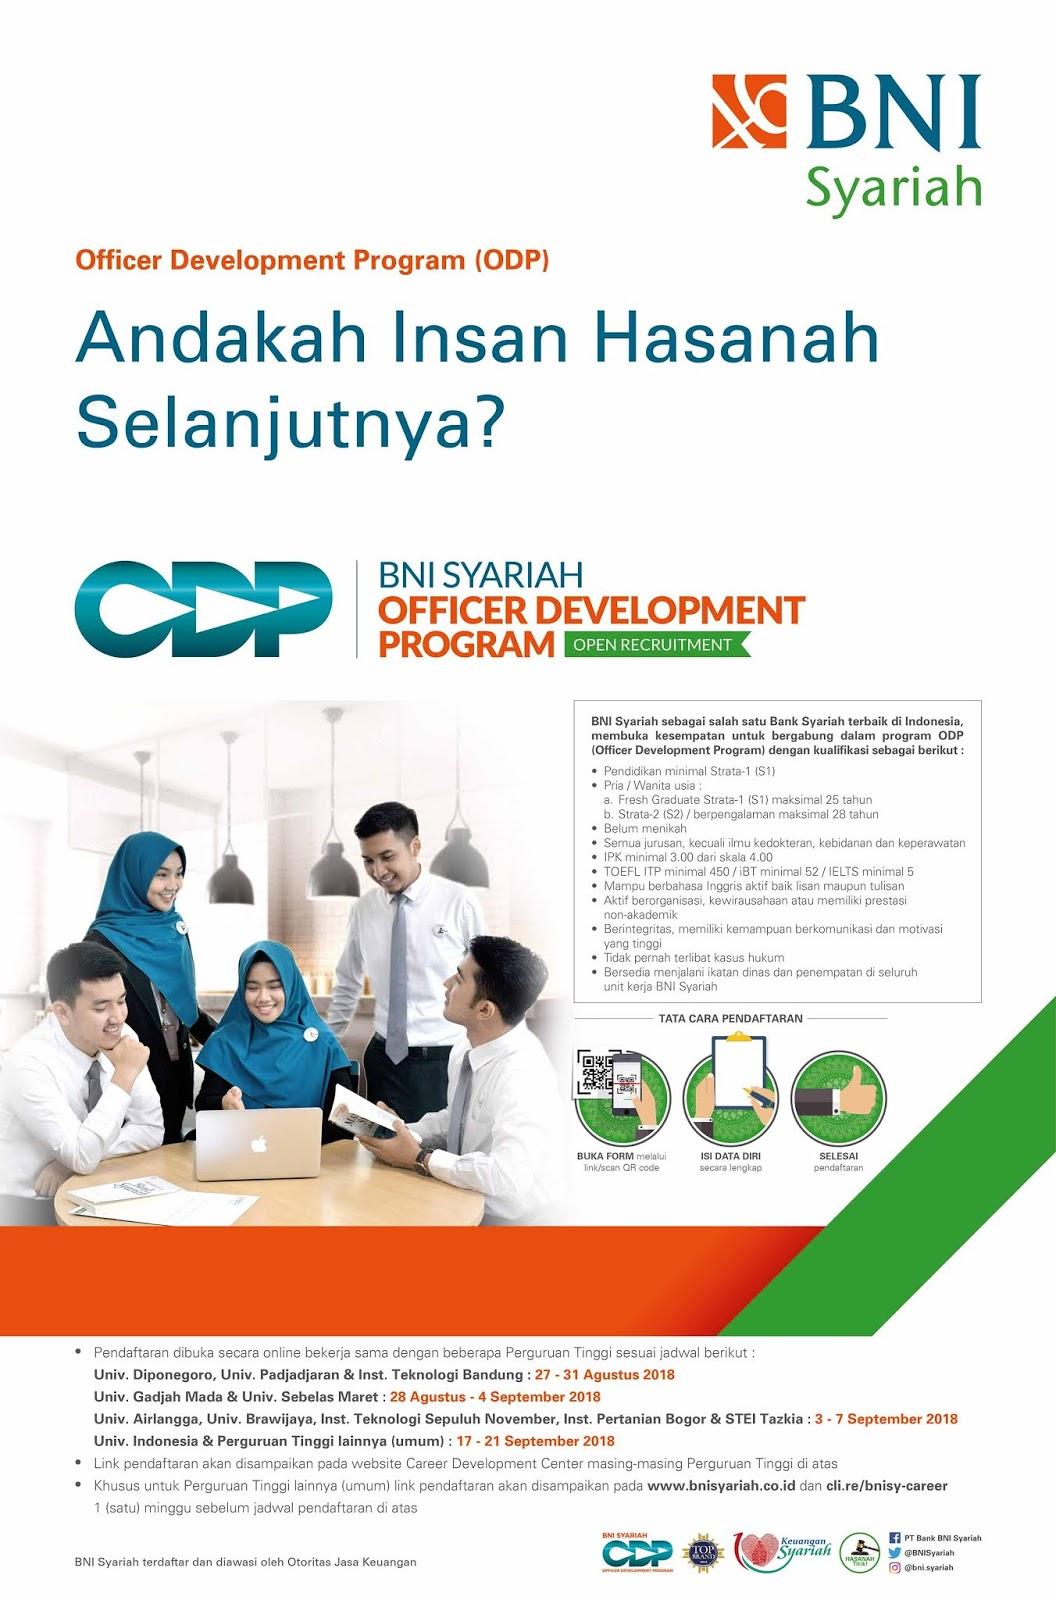 Lowongan Kerja Terbaru PT Bank BNI Syariah Tahun 2018